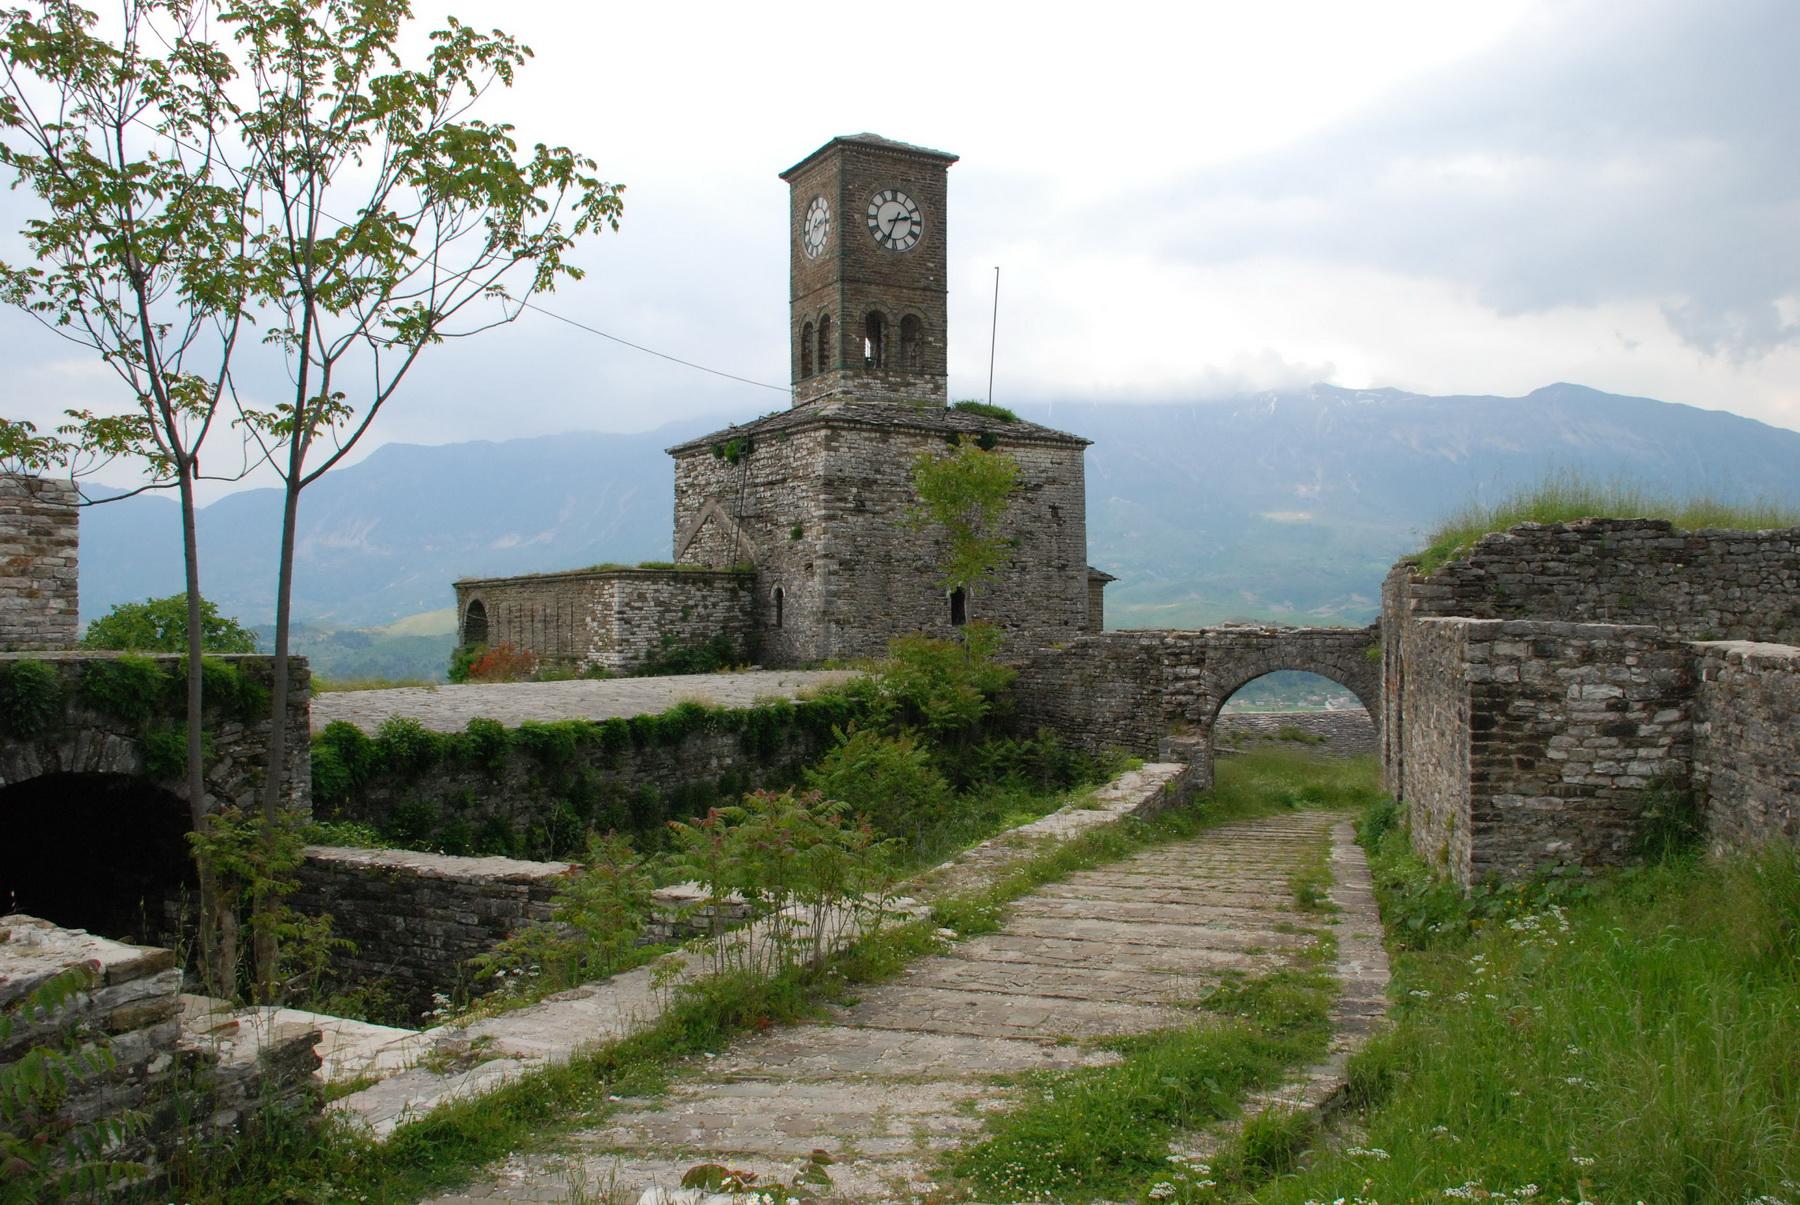 אלבניה - ג'ירוקסטרה - מגדל במצודה